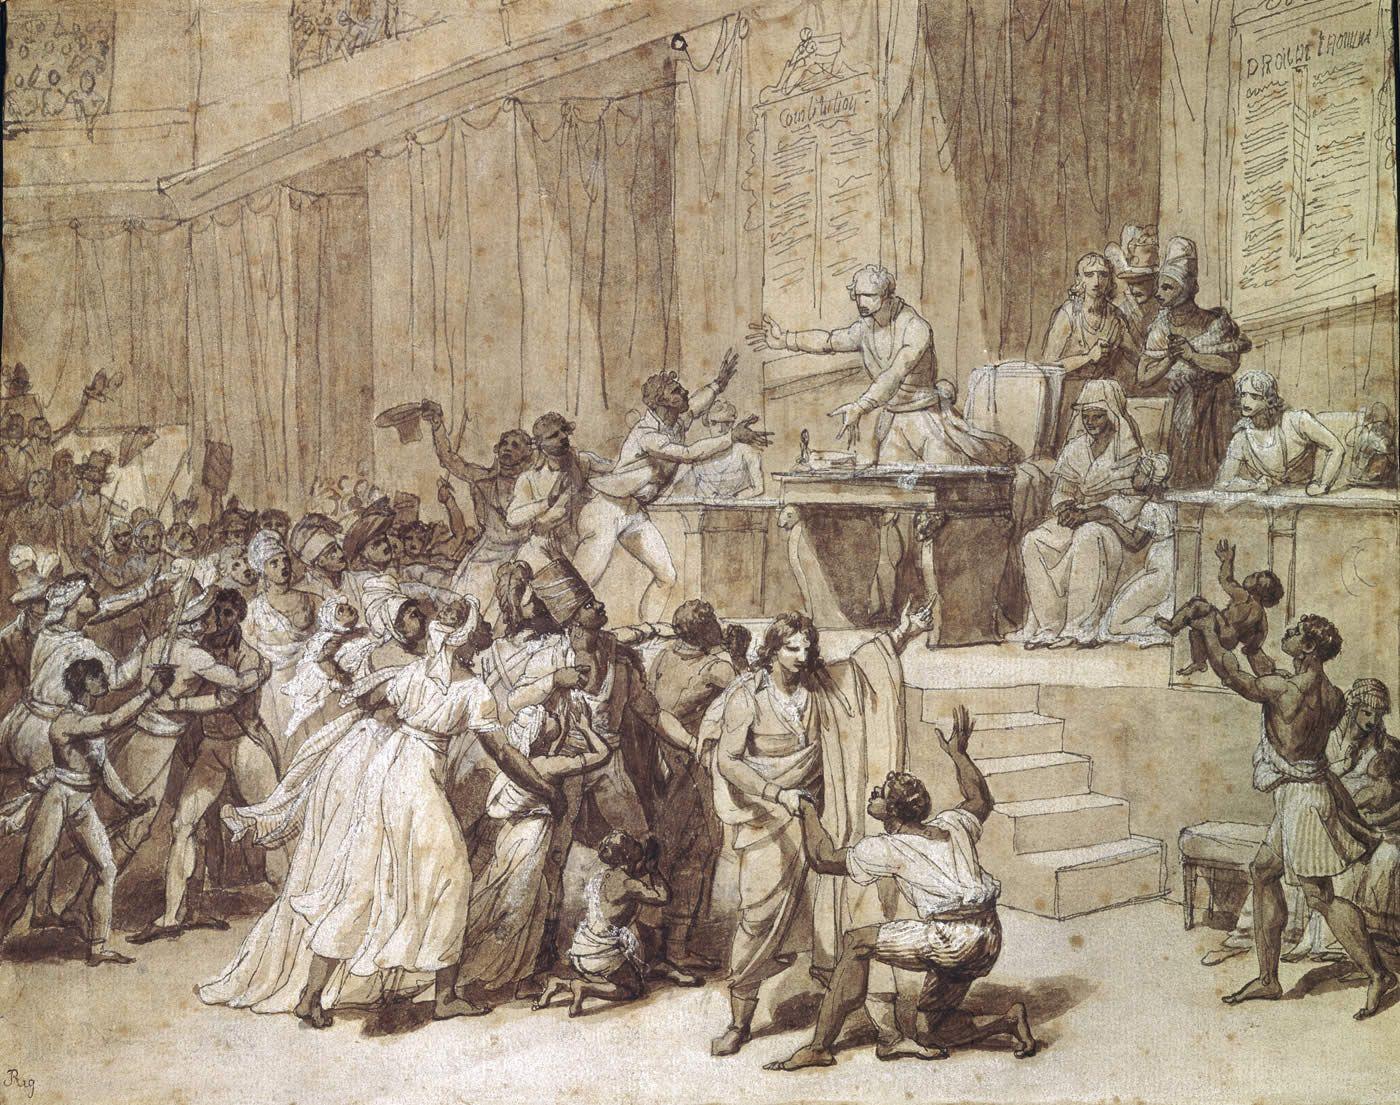 La Premiere Abolition De L Esclavage En 1794 Histoire Et Analyse D Images Et Oeuvres Esclavage Abolition Esclavage Histoire Moderne